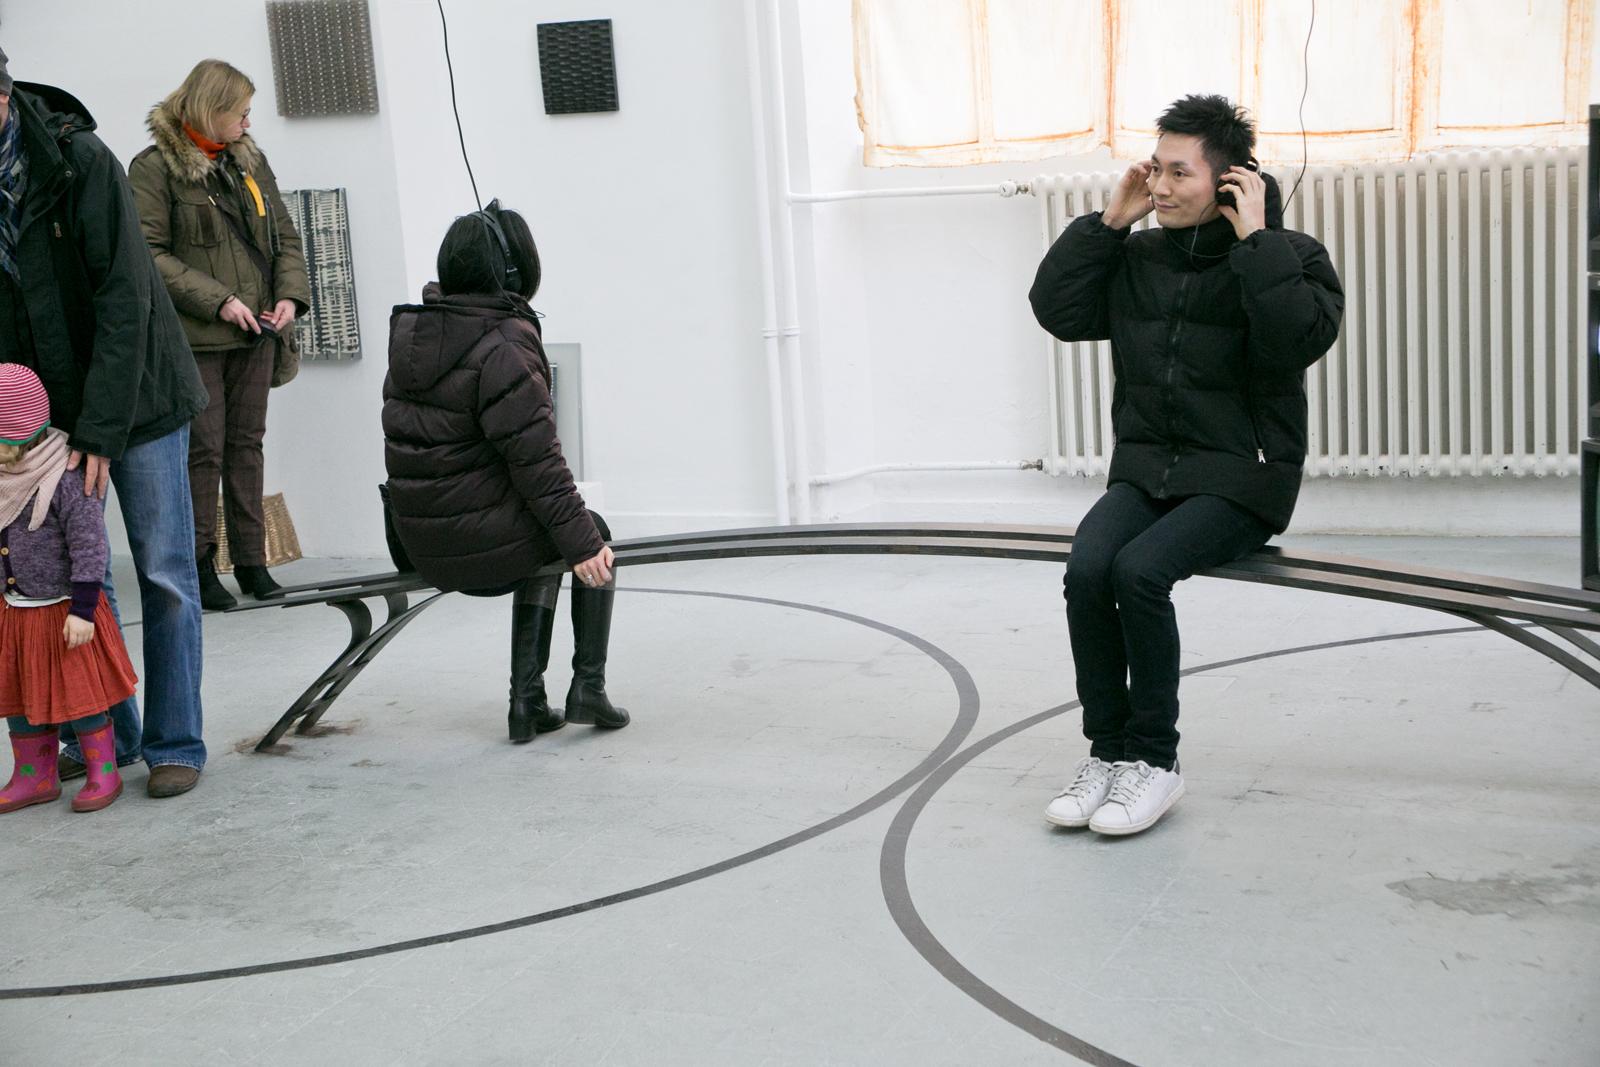 Daniel Nehring Kunstwerk Pendeln, Schwingen, Taumeln, Installationsansicht